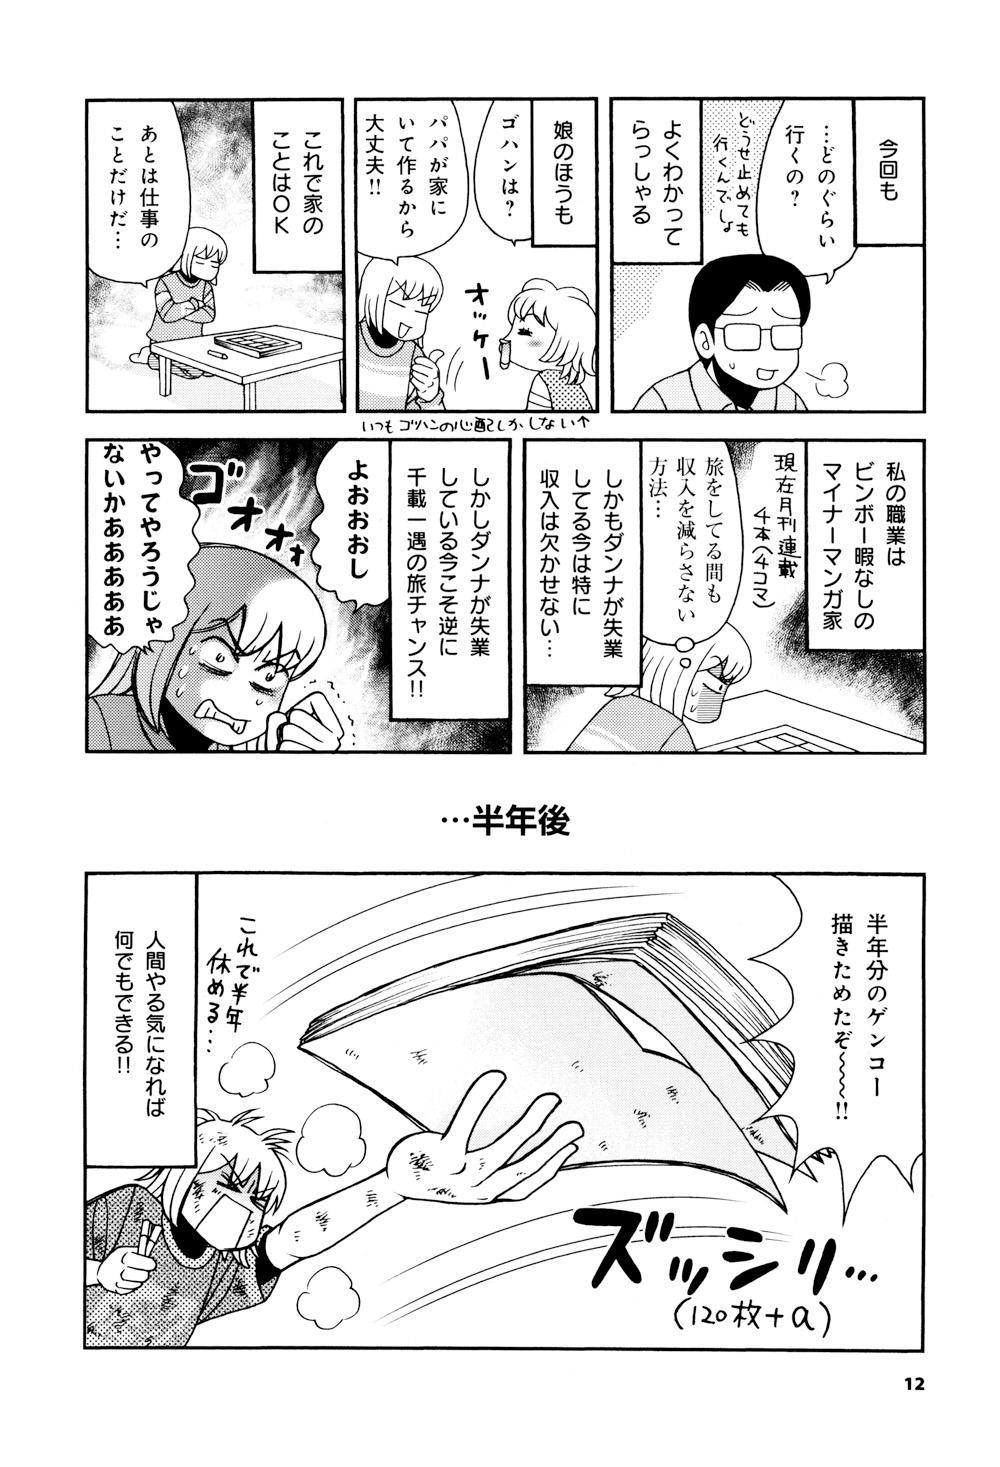 よくばり世界一周(上)_013.jpg